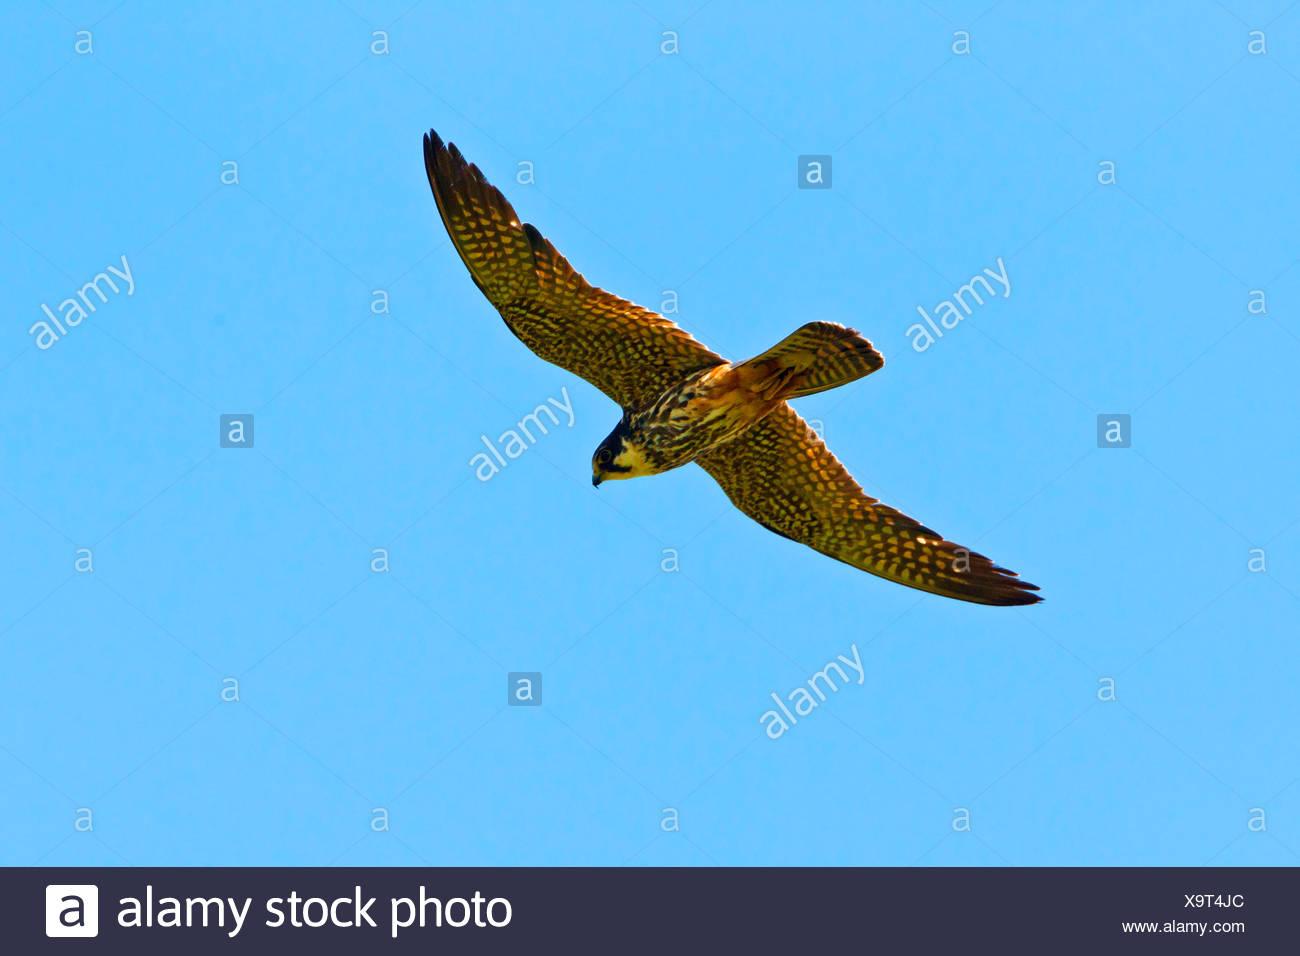 northern hobby (Falco subbuteo), flying, Germany, Rhineland-Palatinate - Stock Image